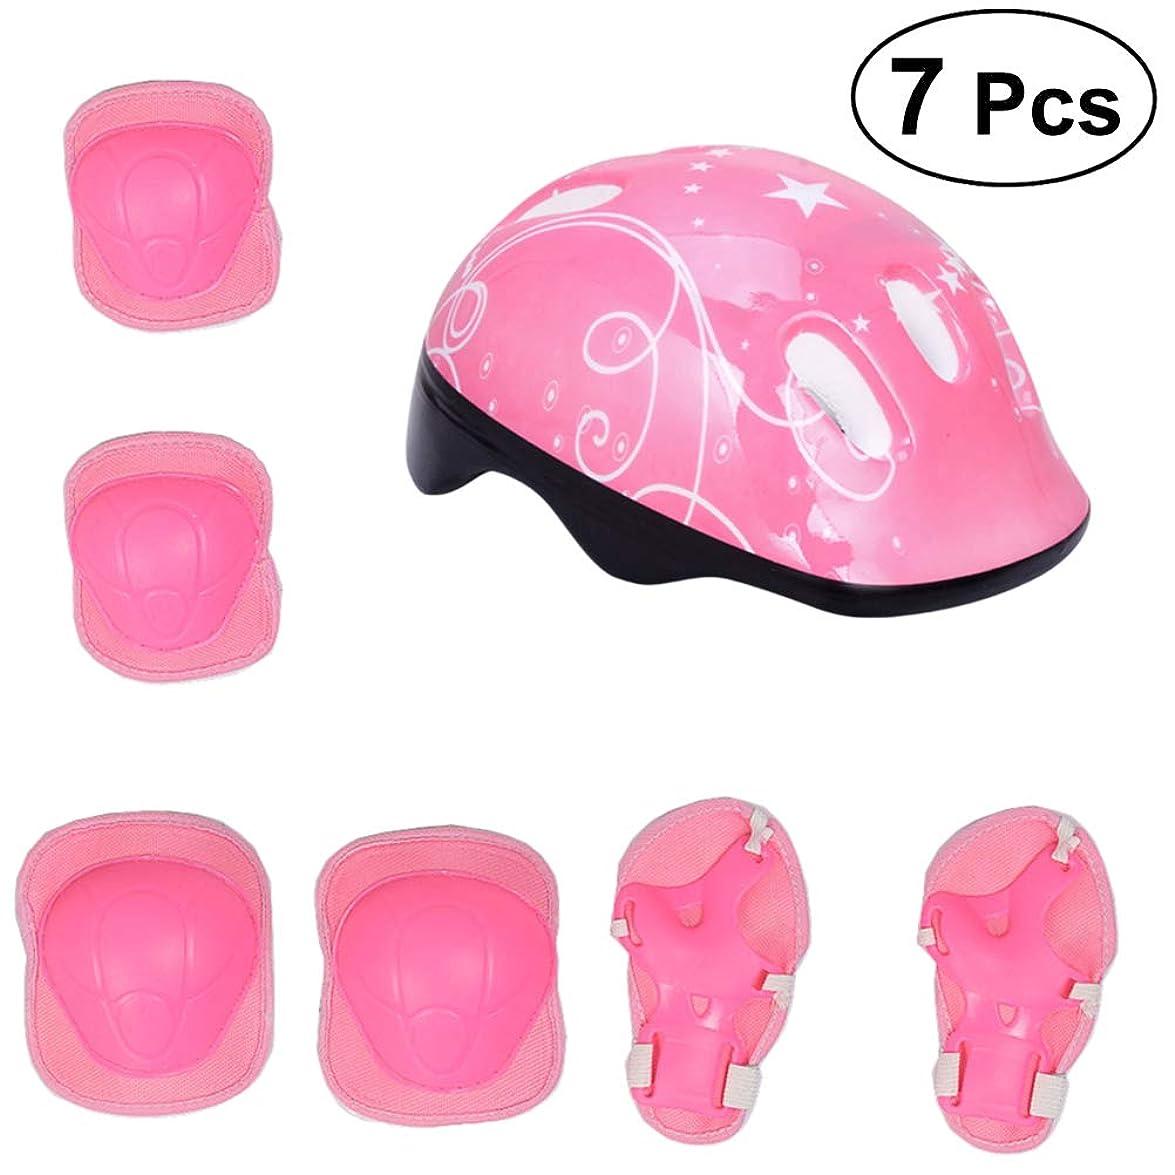 ラメ調停する急いでヘルメット キッズプロテクター 膝/肘/手首 WINOMO スポーツプロテクター 保護パッド 7点セット 子供用 自転車 ヘルメット 軽量 (ピンク)